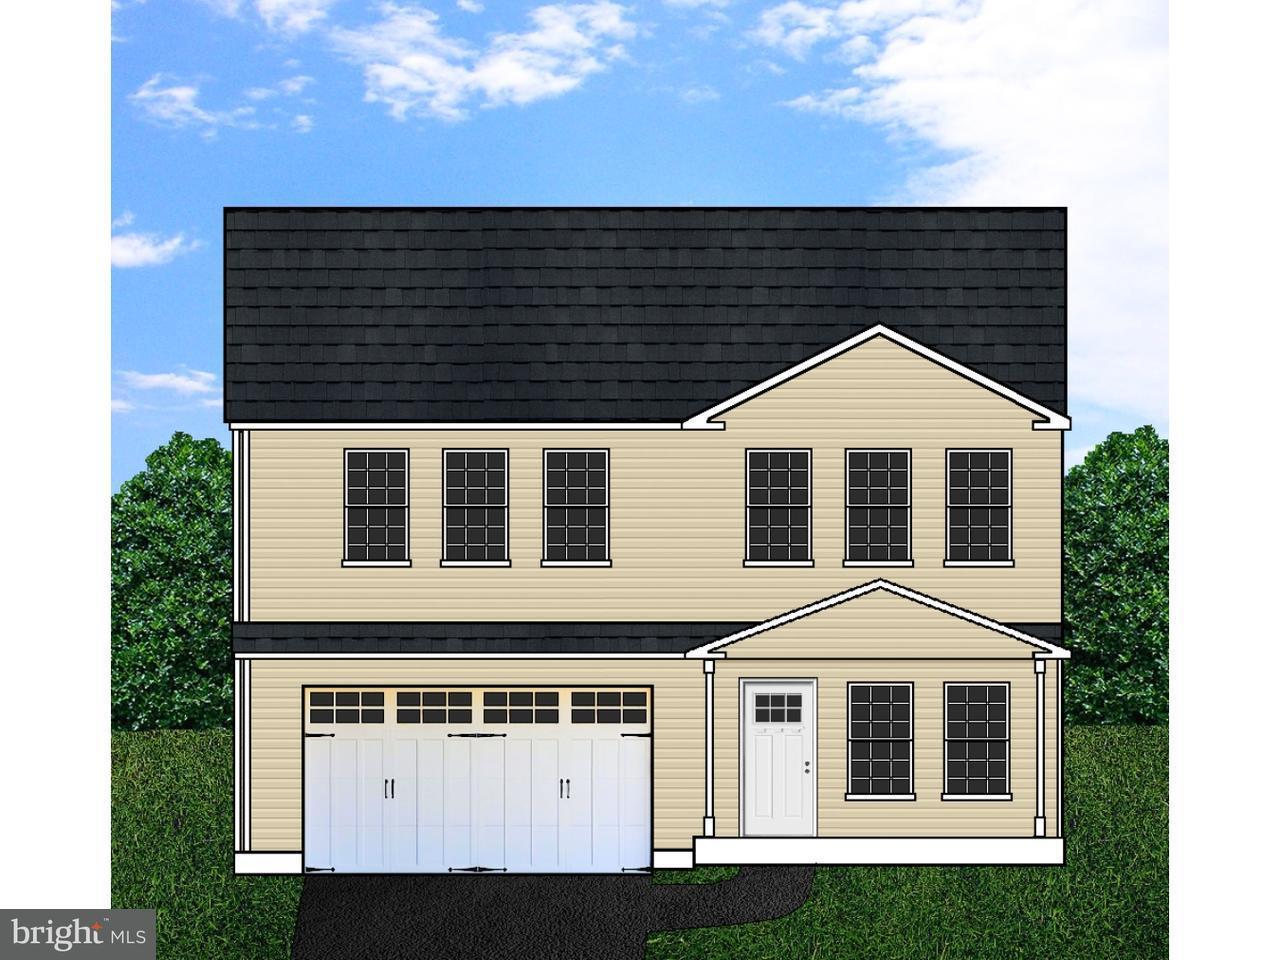 Частный односемейный дом для того Продажа на 201 UPLAND Road Brookhaven, Пенсильвания 19015 Соединенные Штаты